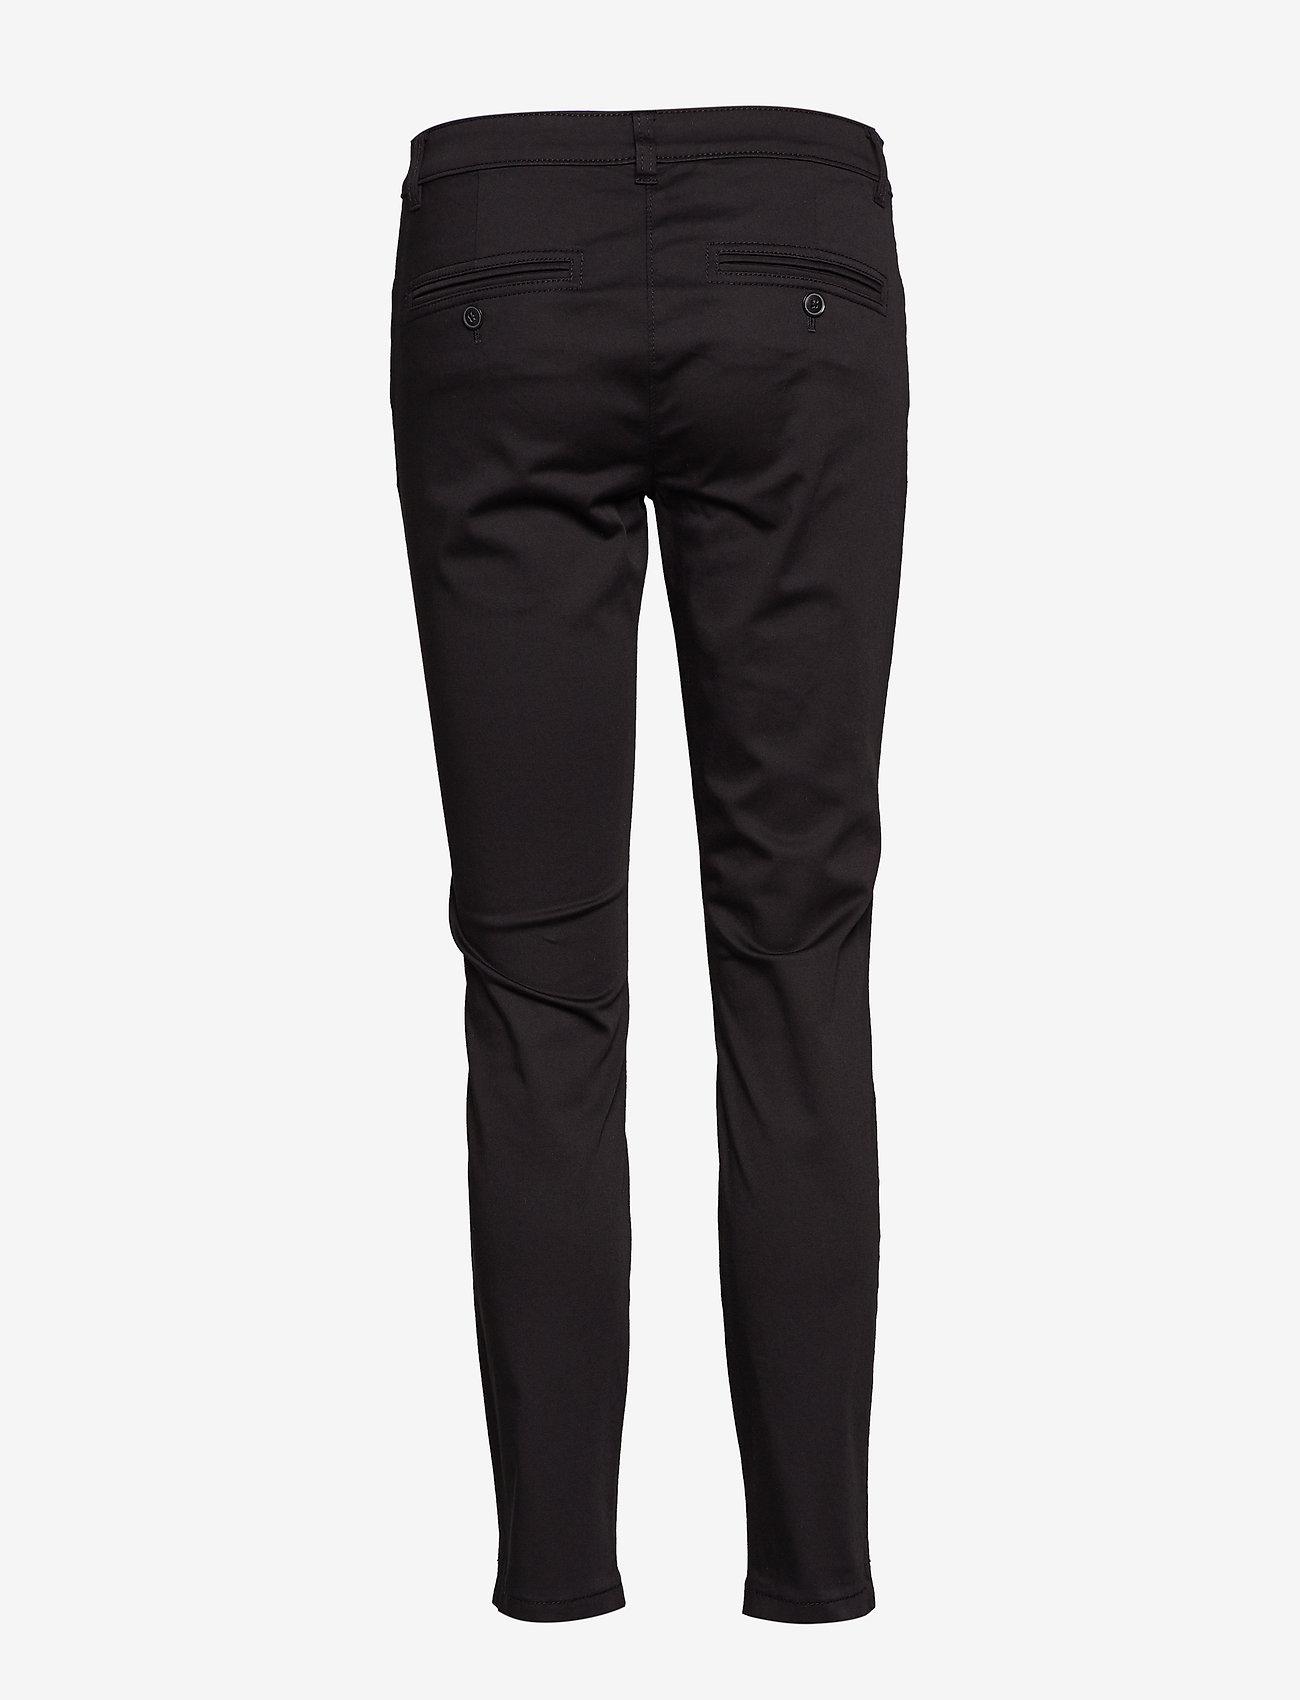 Woven Pants (Black) (1199.20 kr) - Marc O'Polo